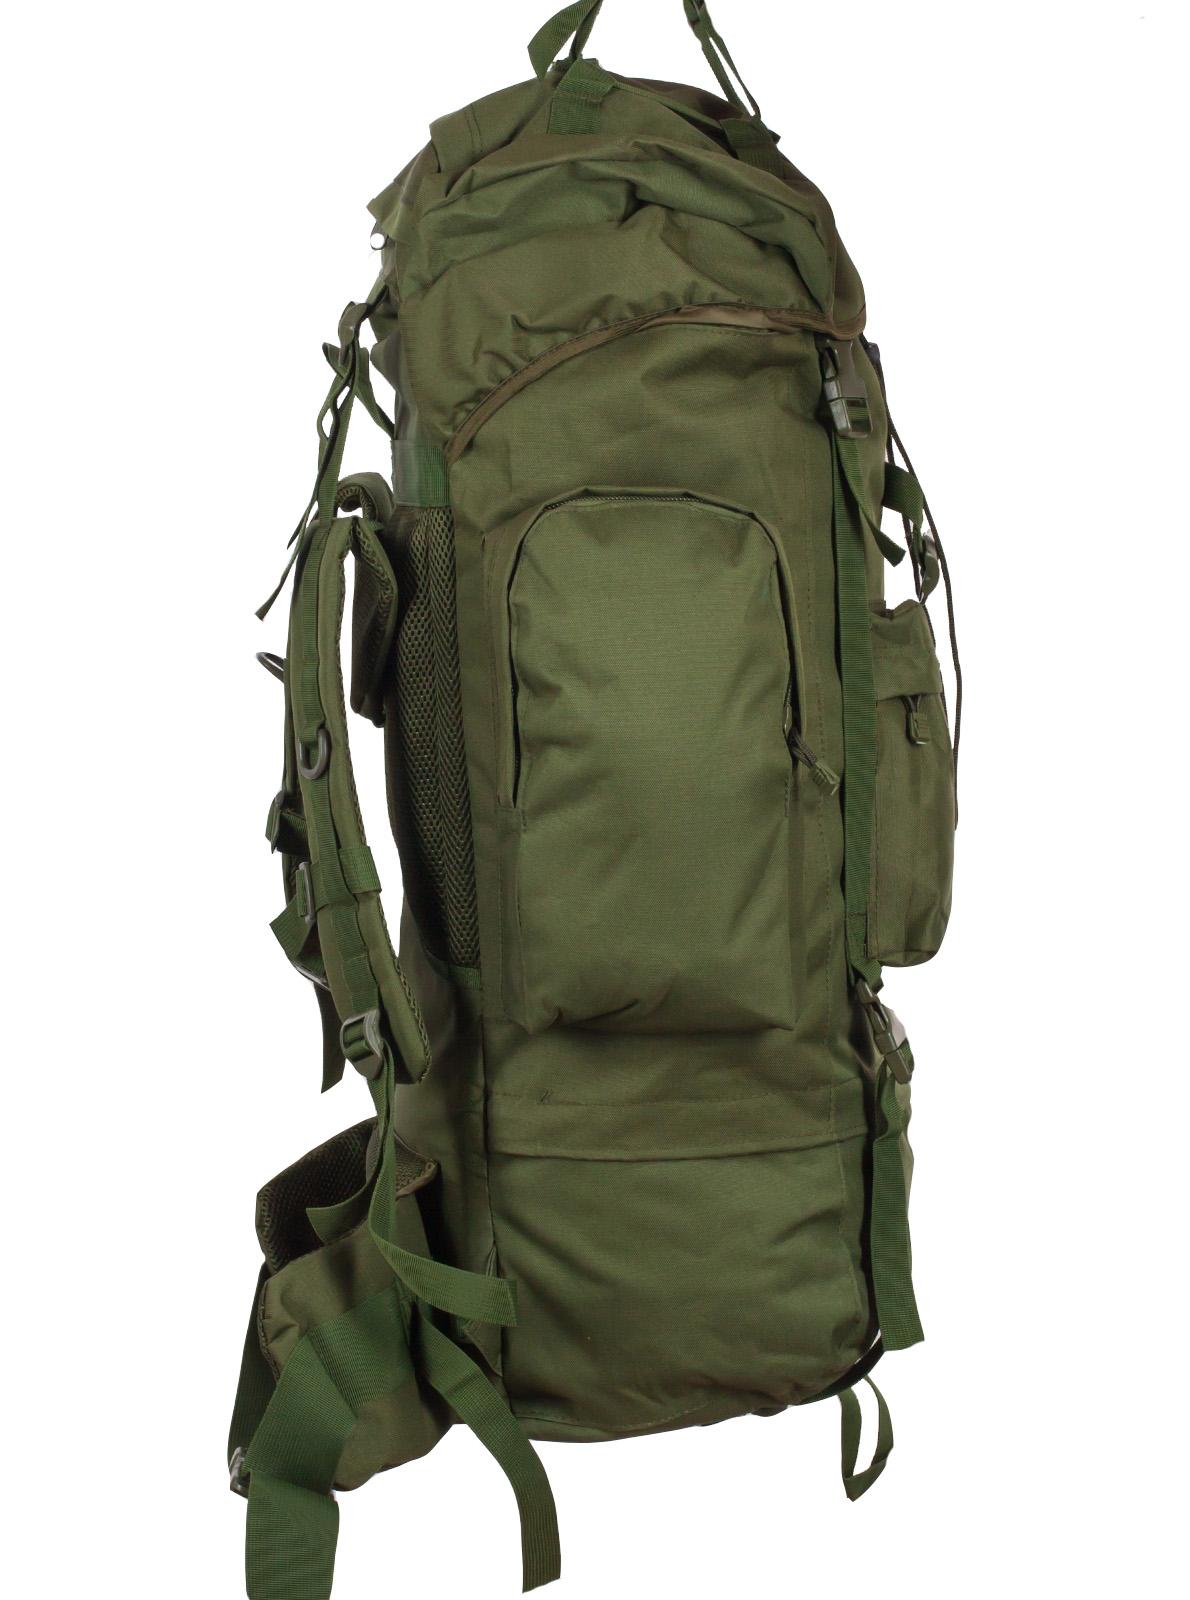 Армейский каркасный рюкзак с нашивкой ДПС - купить в подарок